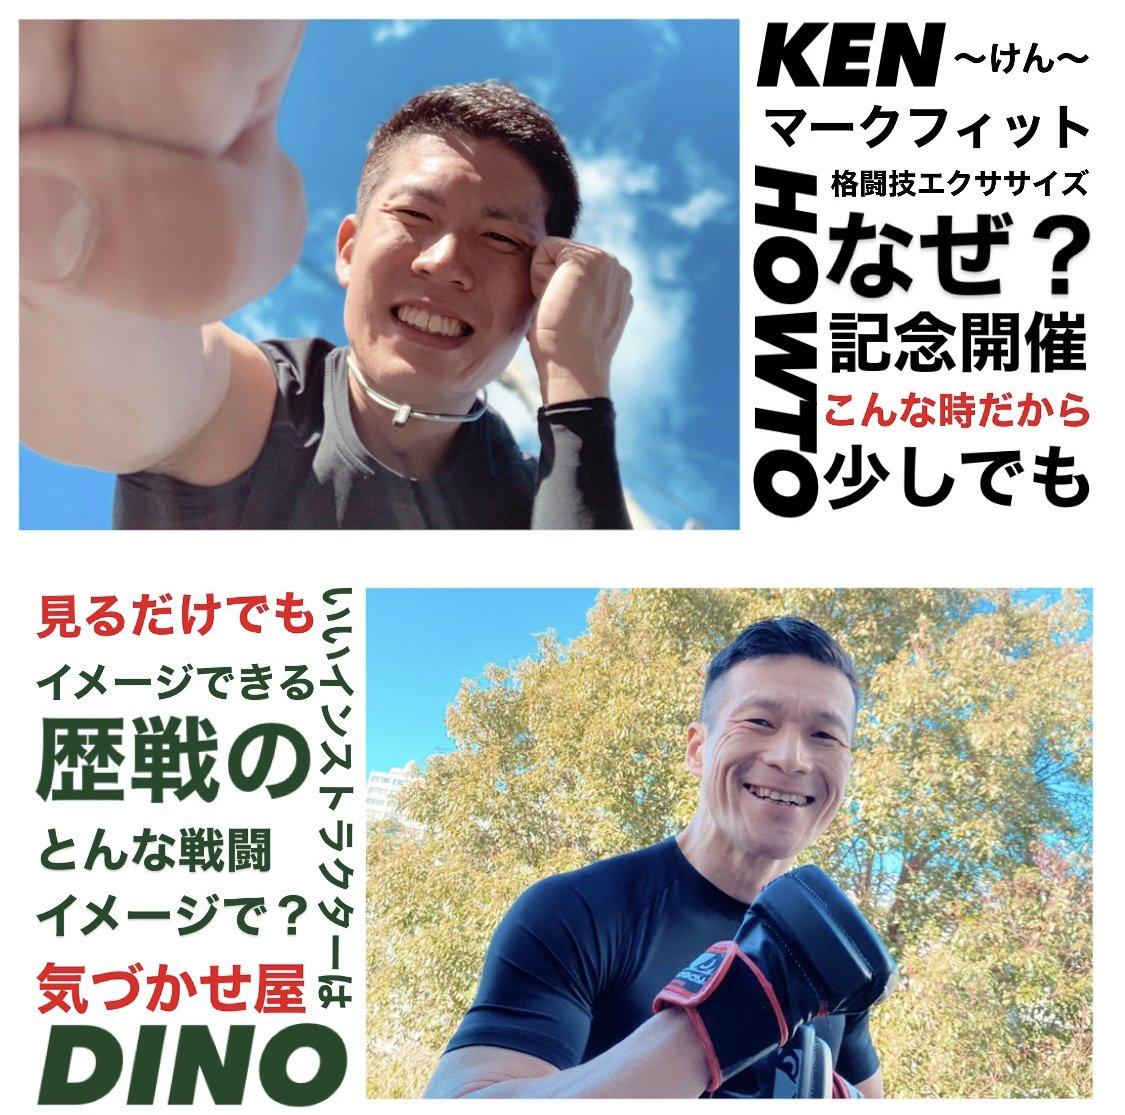 【期限切れ】DINO×KENの自宅でコソっトレ!〜格闘技エクササイズ編〜 1月13日(水)21:00〜22:00【企画:マークフィット】のイメージその1